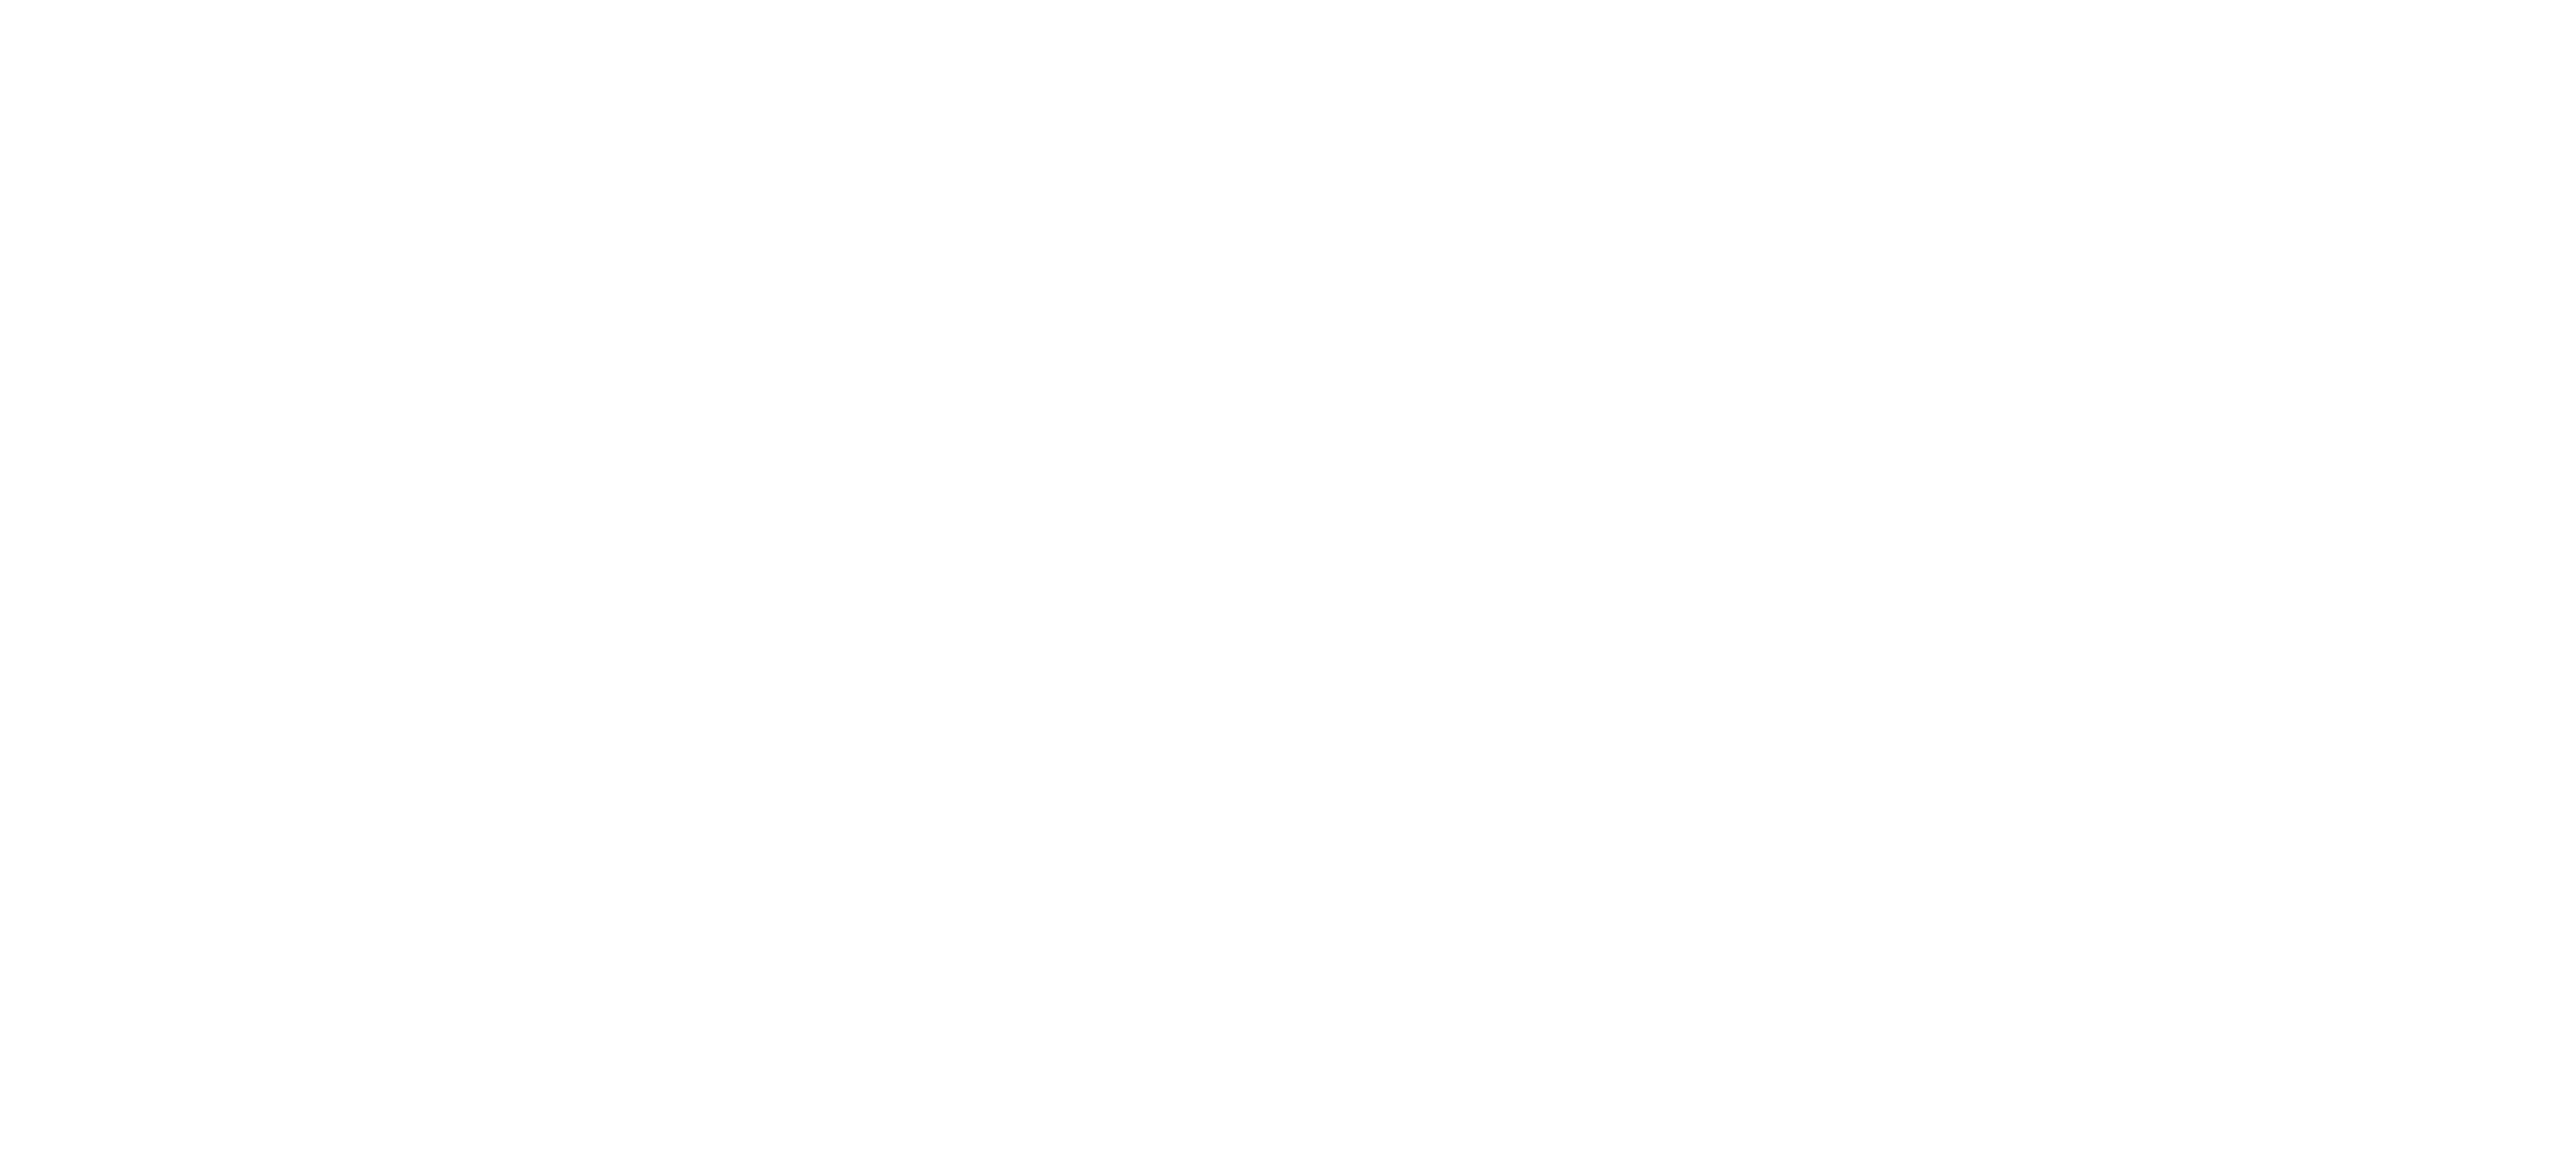 IH_2019-02Transparent